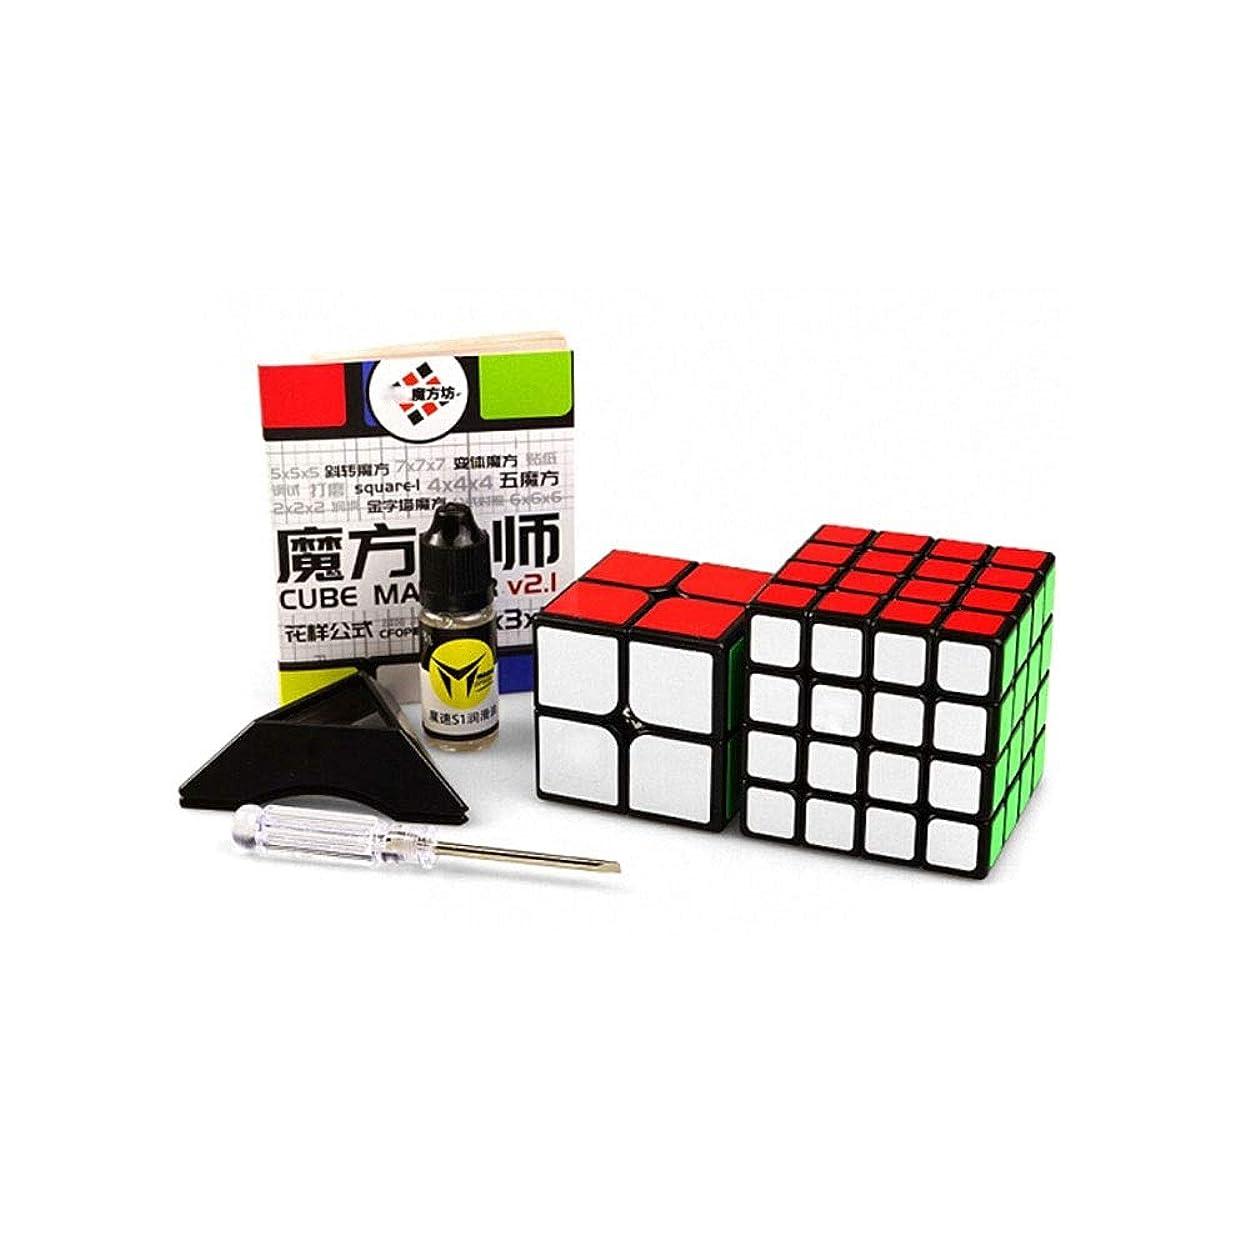 代名詞配管工広告するルービックキューブ、滑らかな質感のルービックキューブ、高品質のステッカーを贈り物として使用することができます(2次/ 4次) (Edition : Second order and Fourth order)